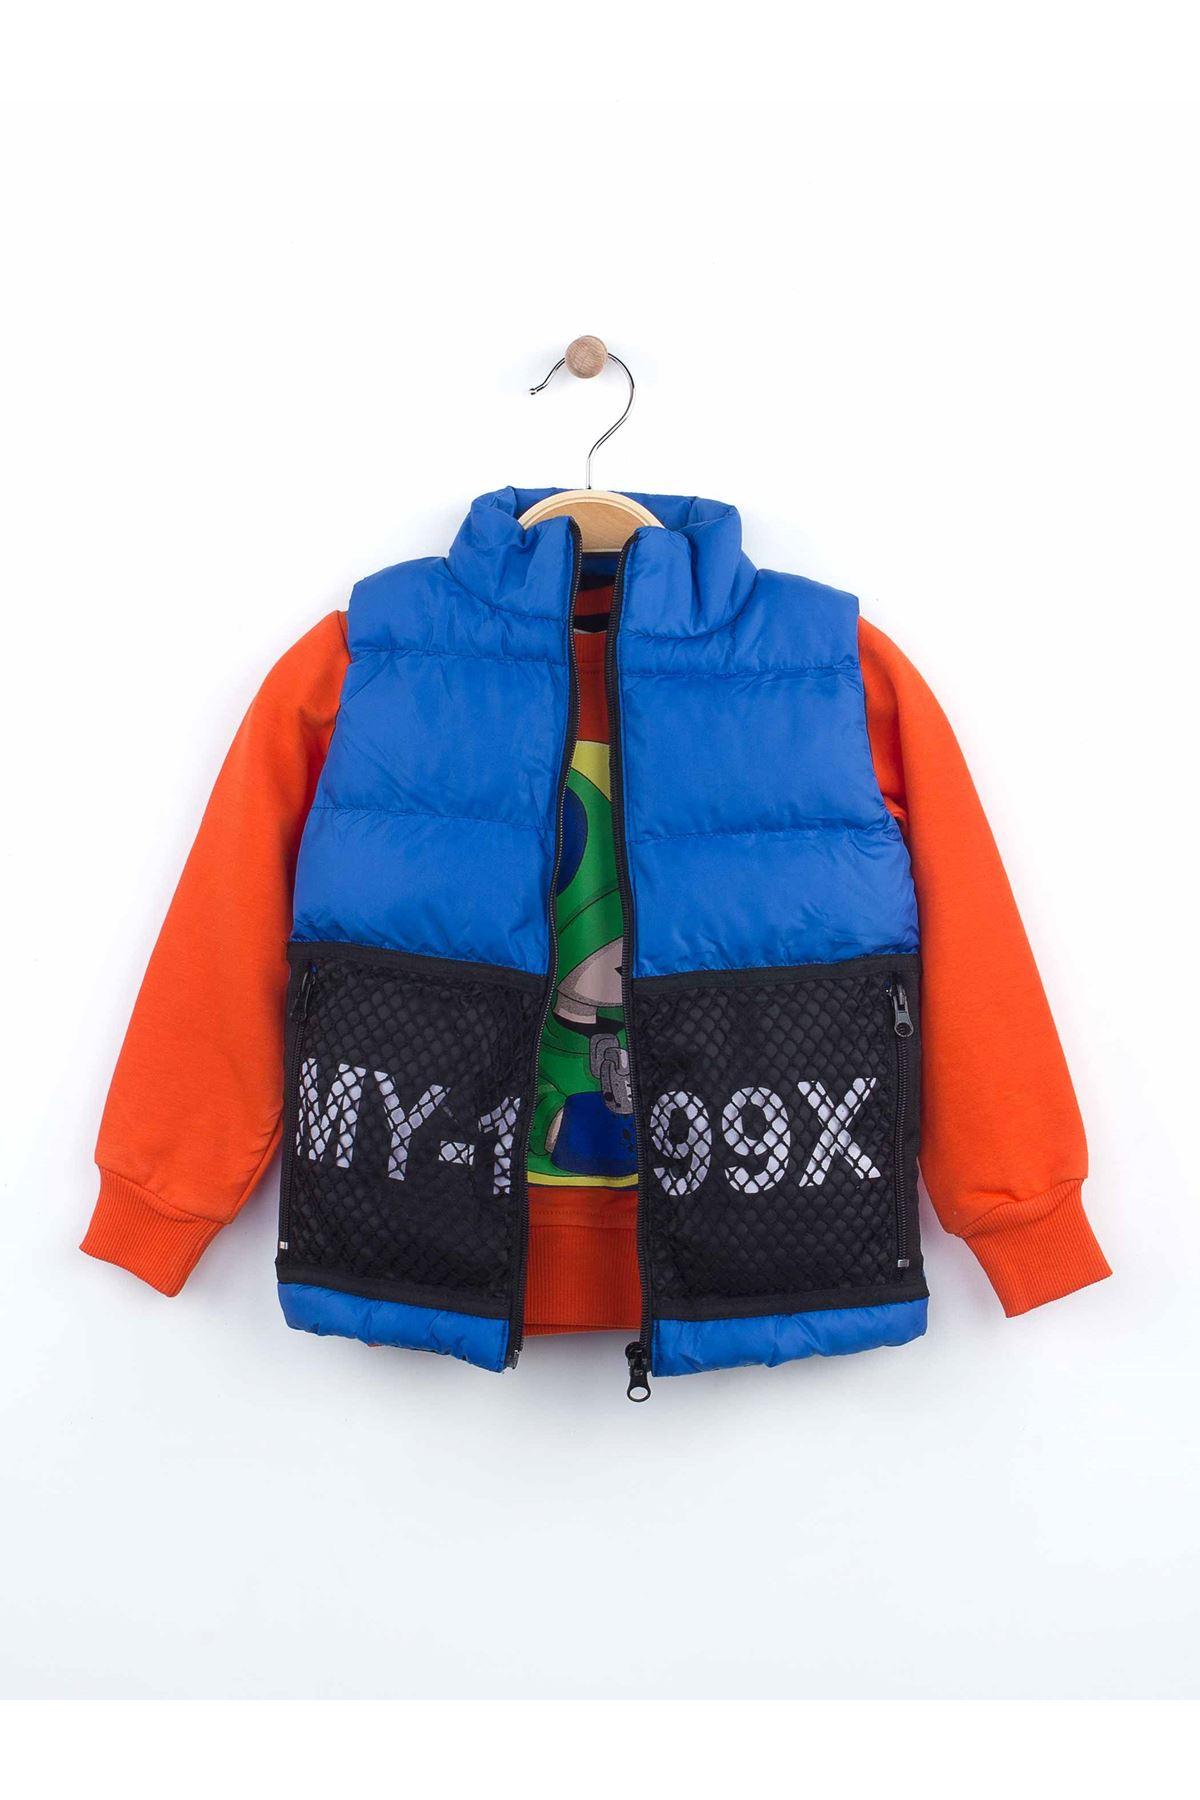 Sax Kışlık Şişme Yelekli Erkek Çocuk 3 lü Takım